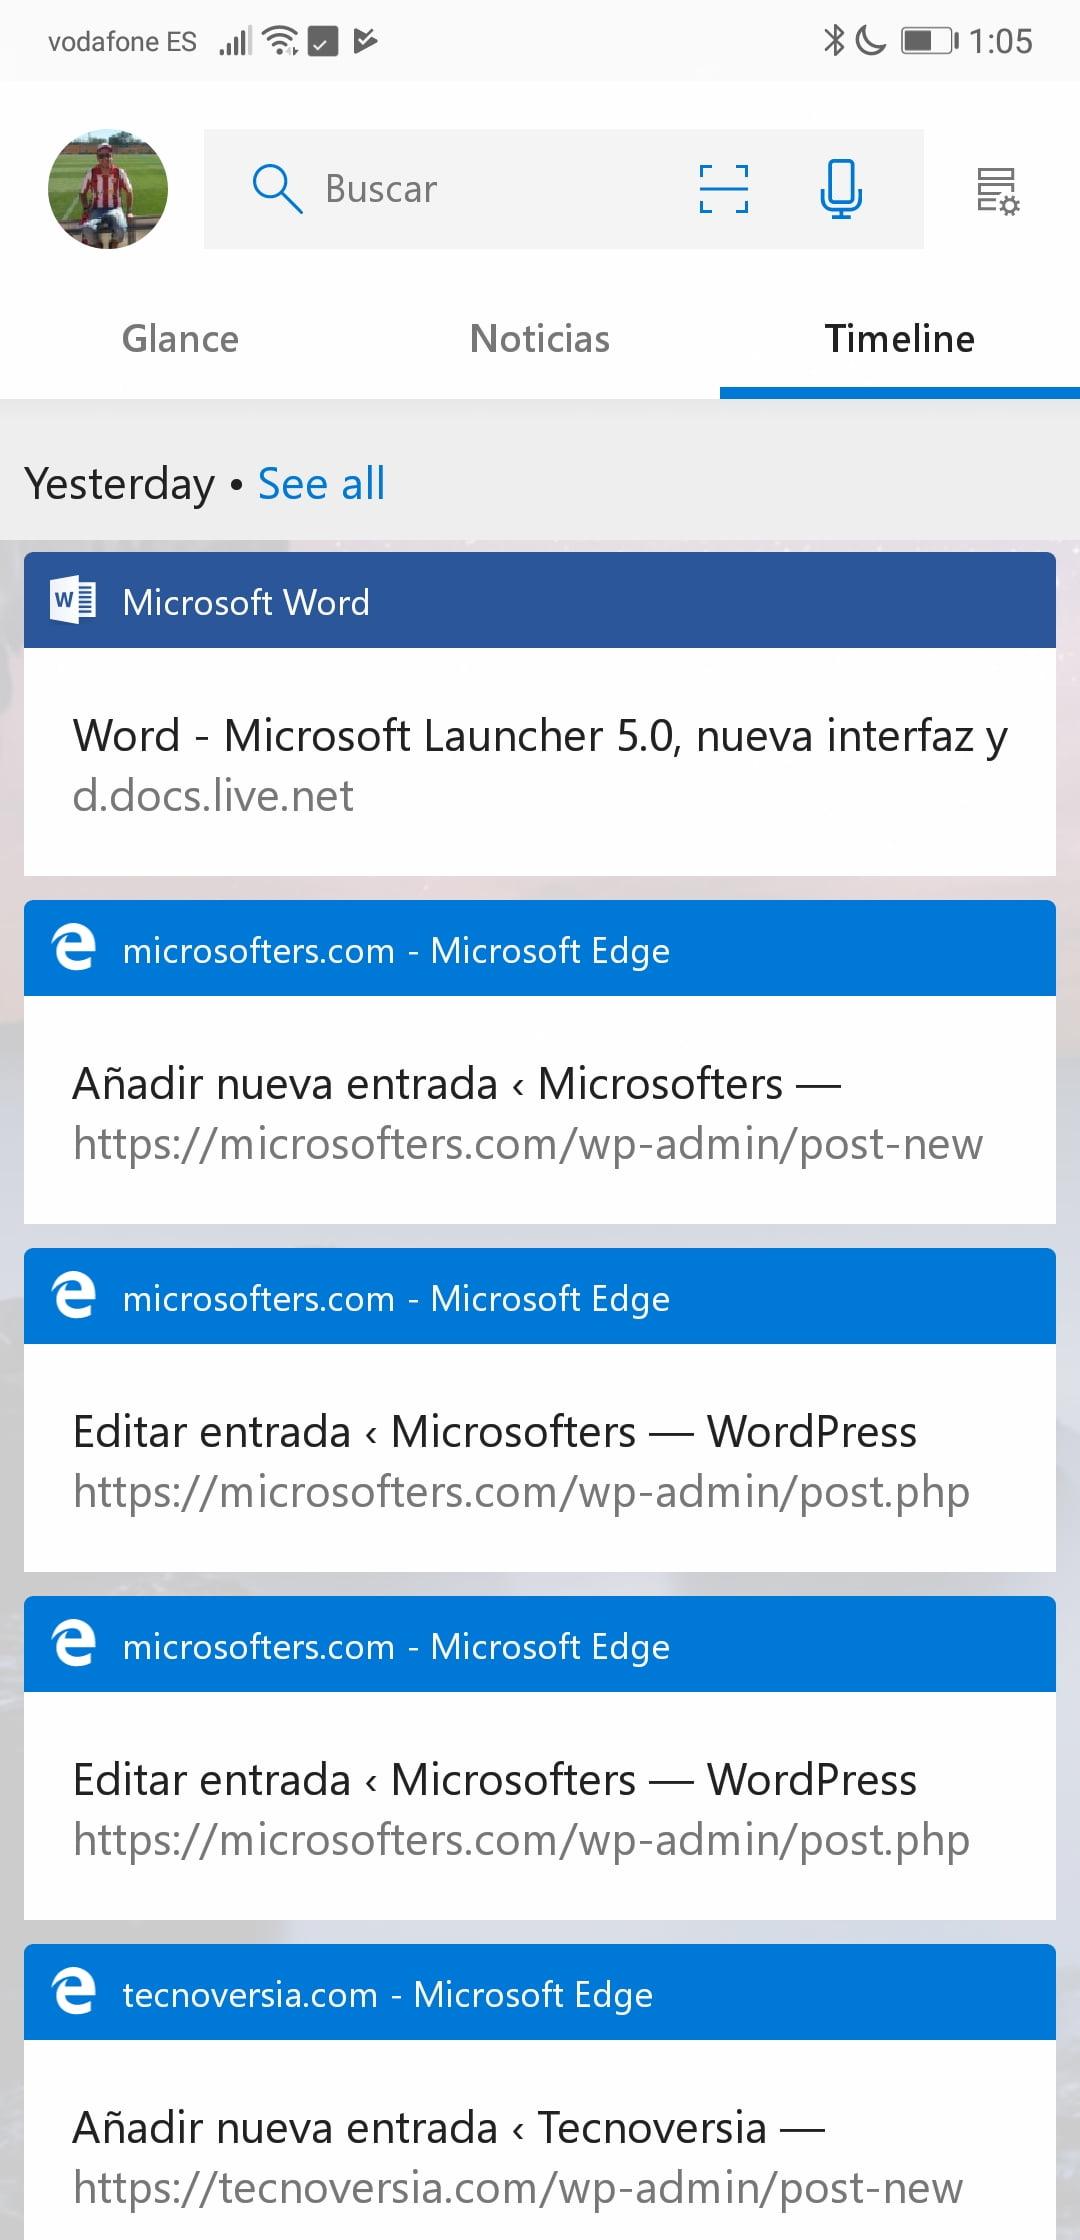 Microsoft Launcher 5.0 se actualiza con grandes novedades